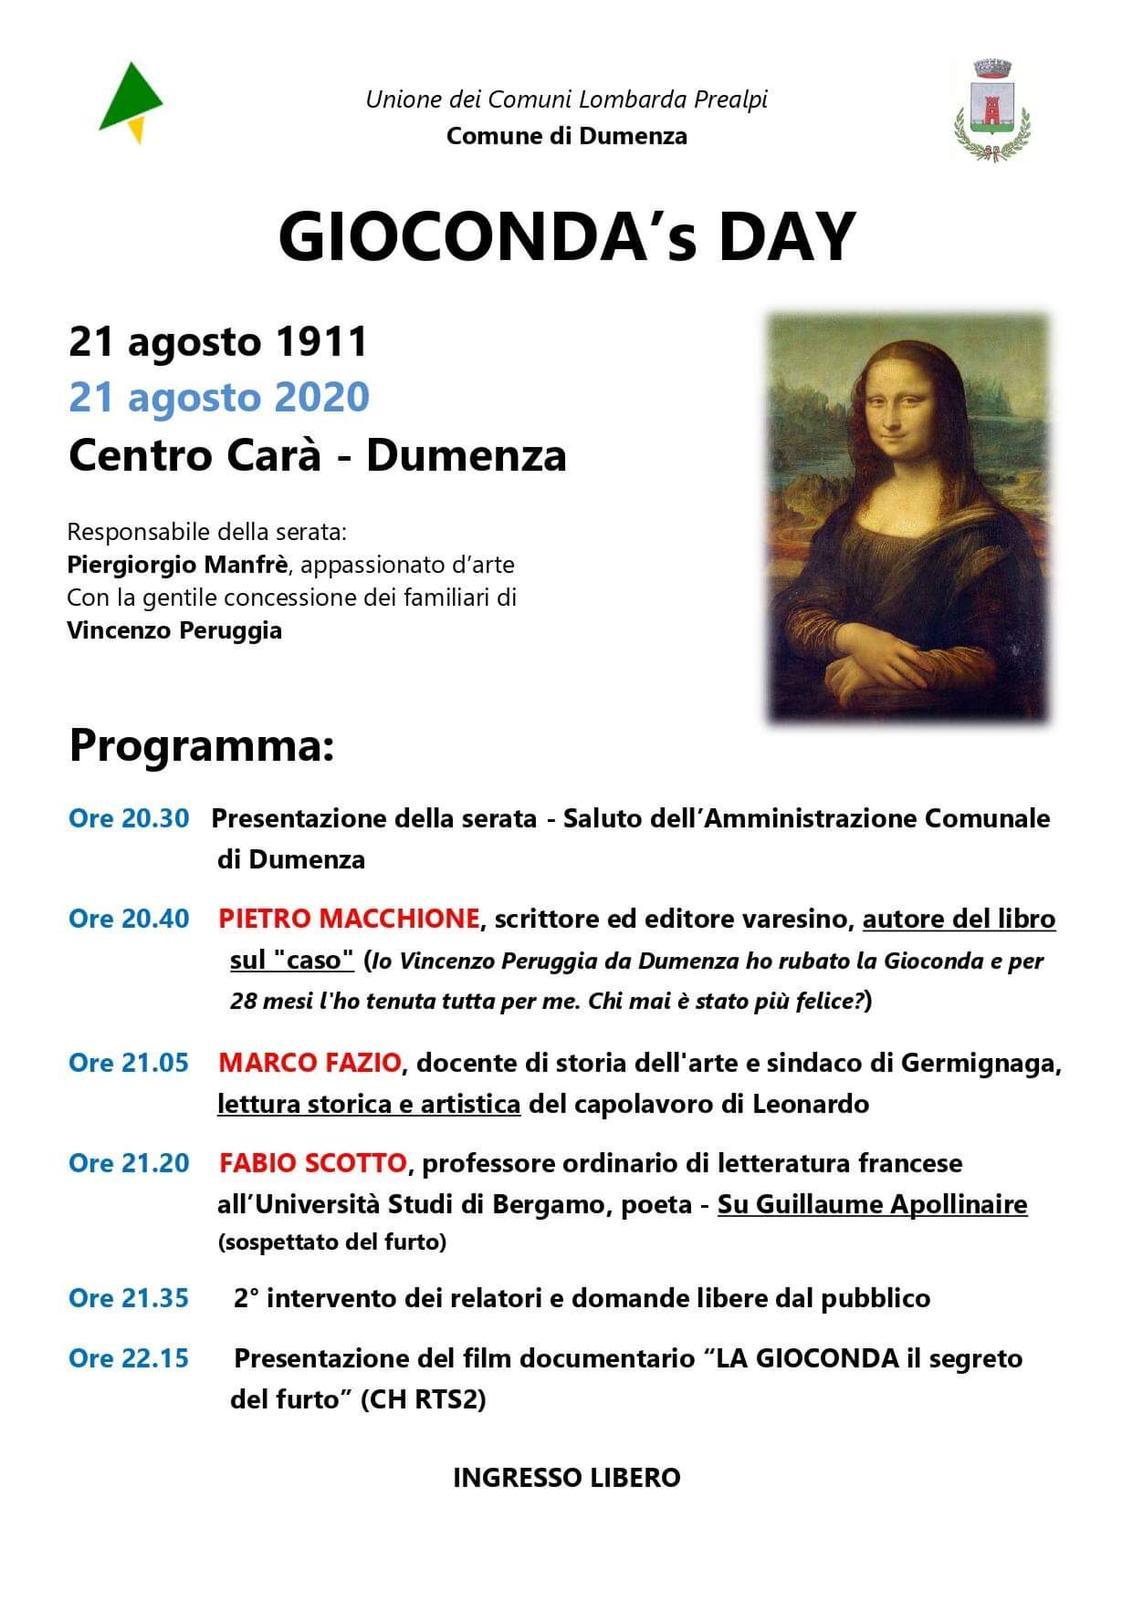 A Dumenza una serata dedicata alla scoperta delle dinamiche del furto della Gioconda in occasione del 109esimo anniversario dell'evento